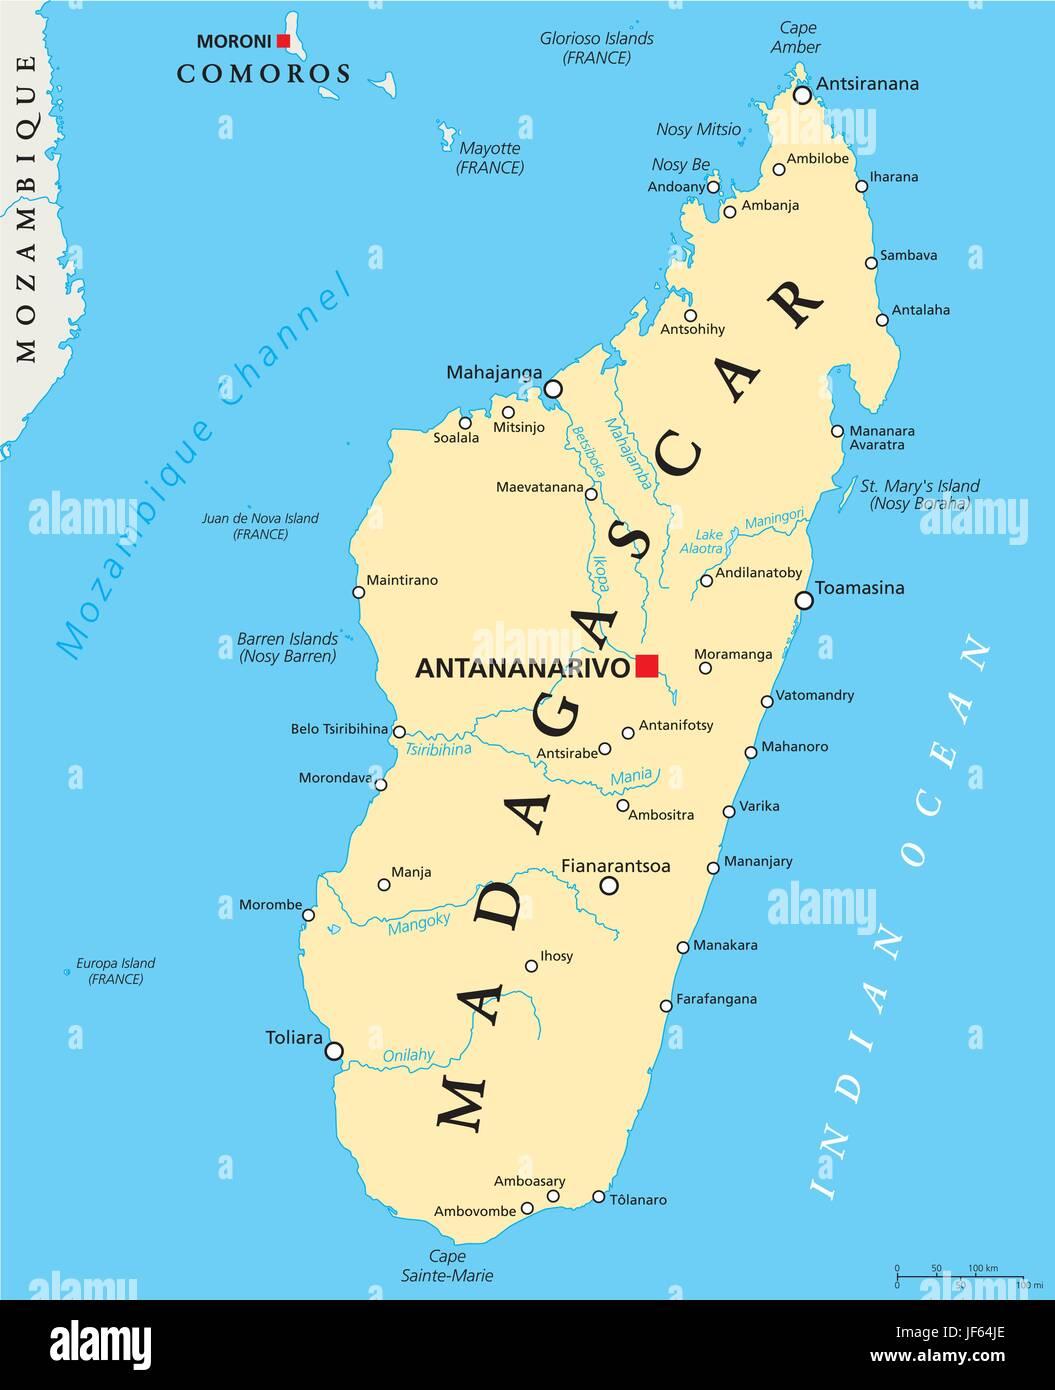 Carte Madagascar Monde.Madagascar Carte Atlas Carte Du Monde Voyage Afrique